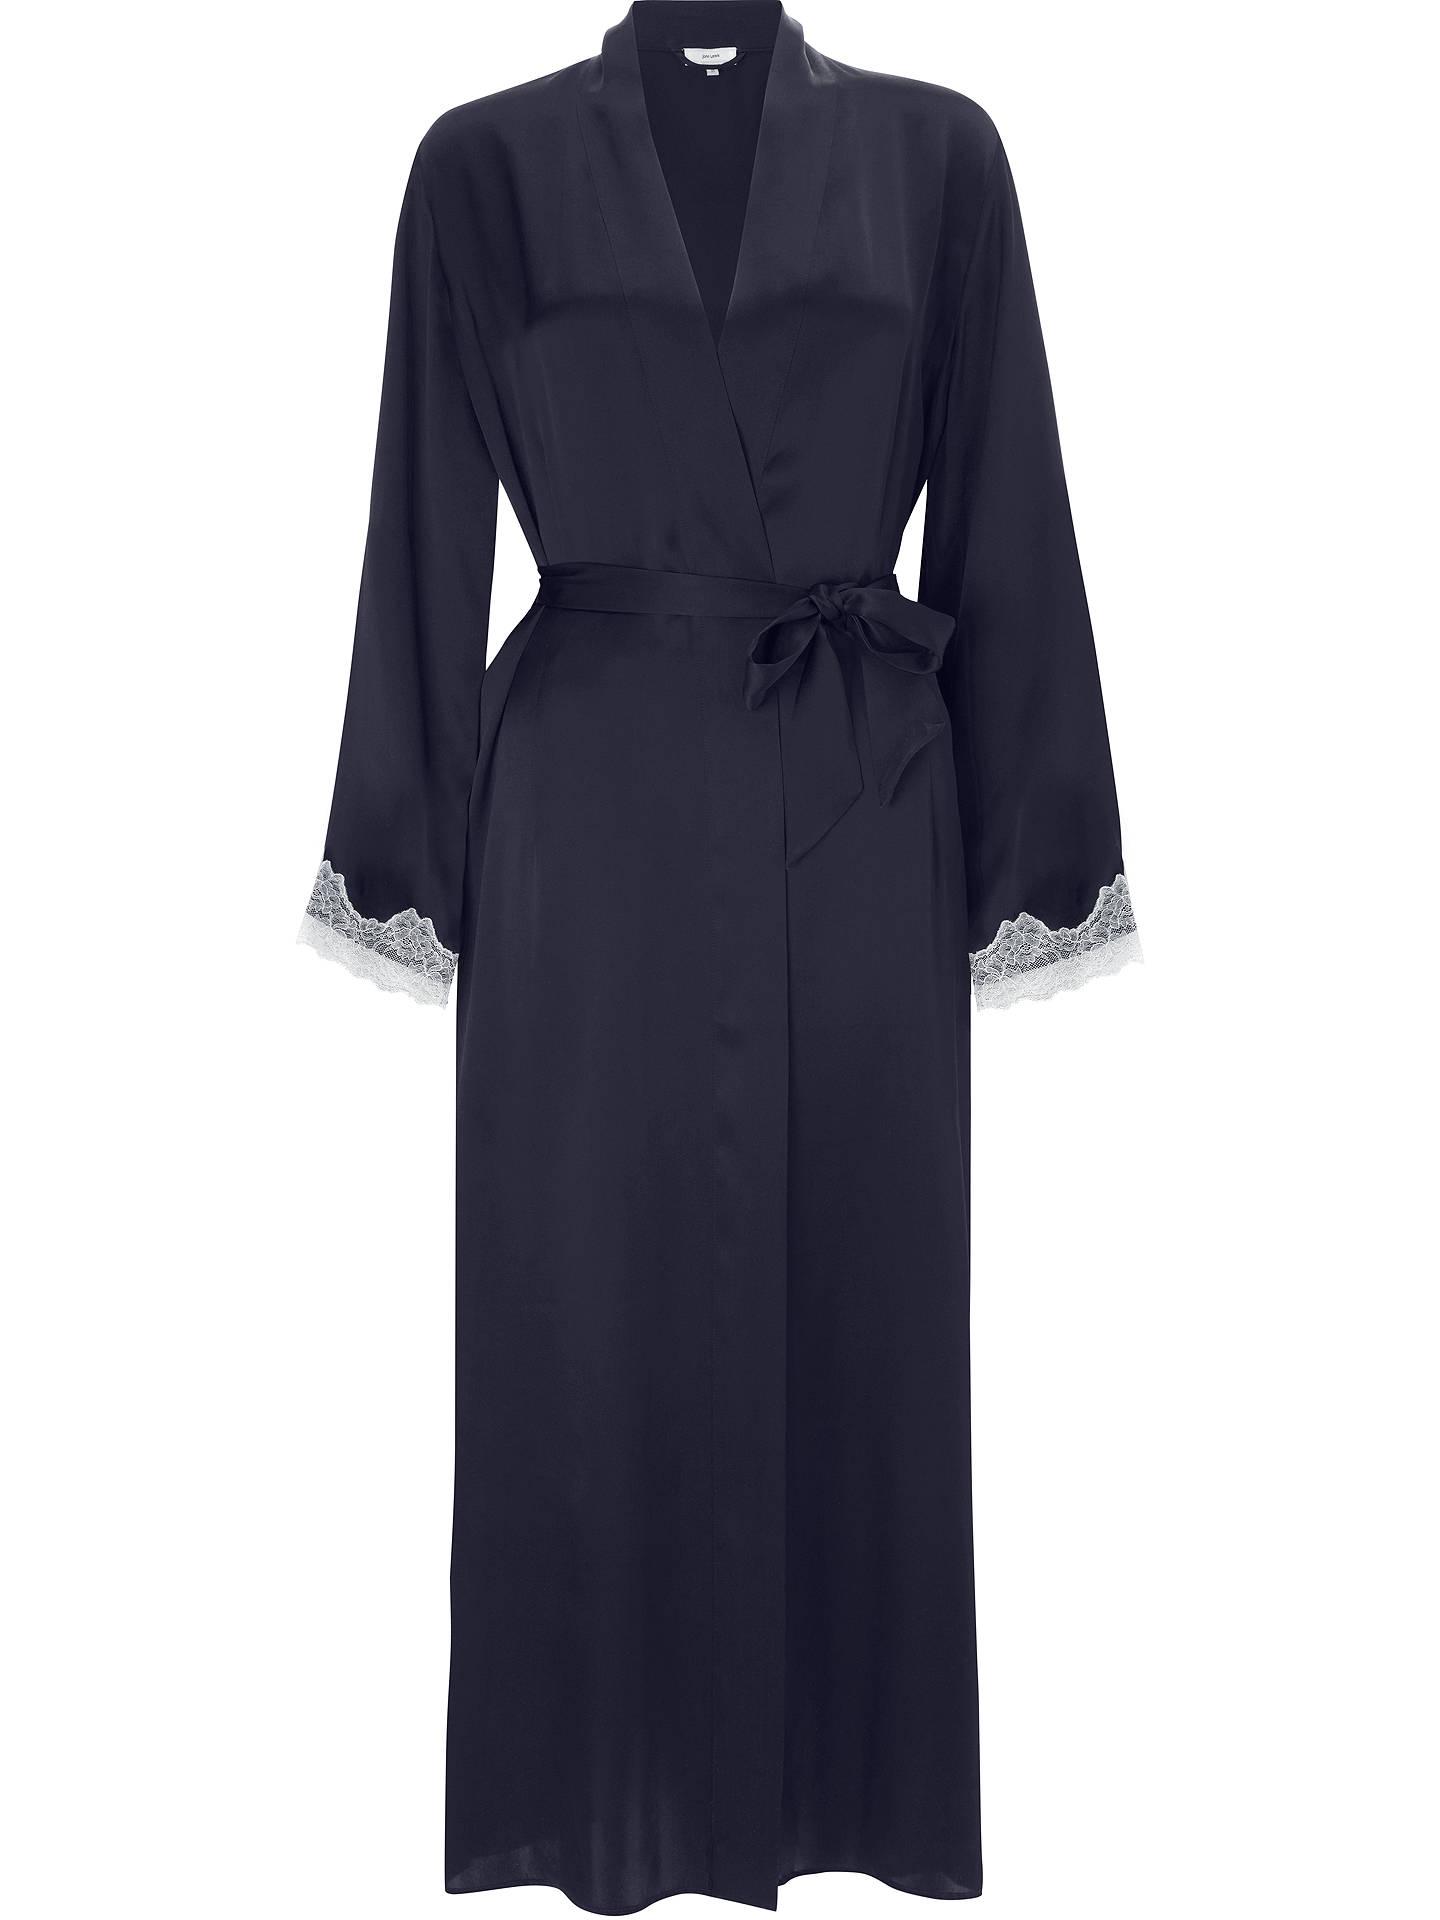 John Lewis Silk Lace Trim Long Dressing Gown, Navy/Ivory at John ...